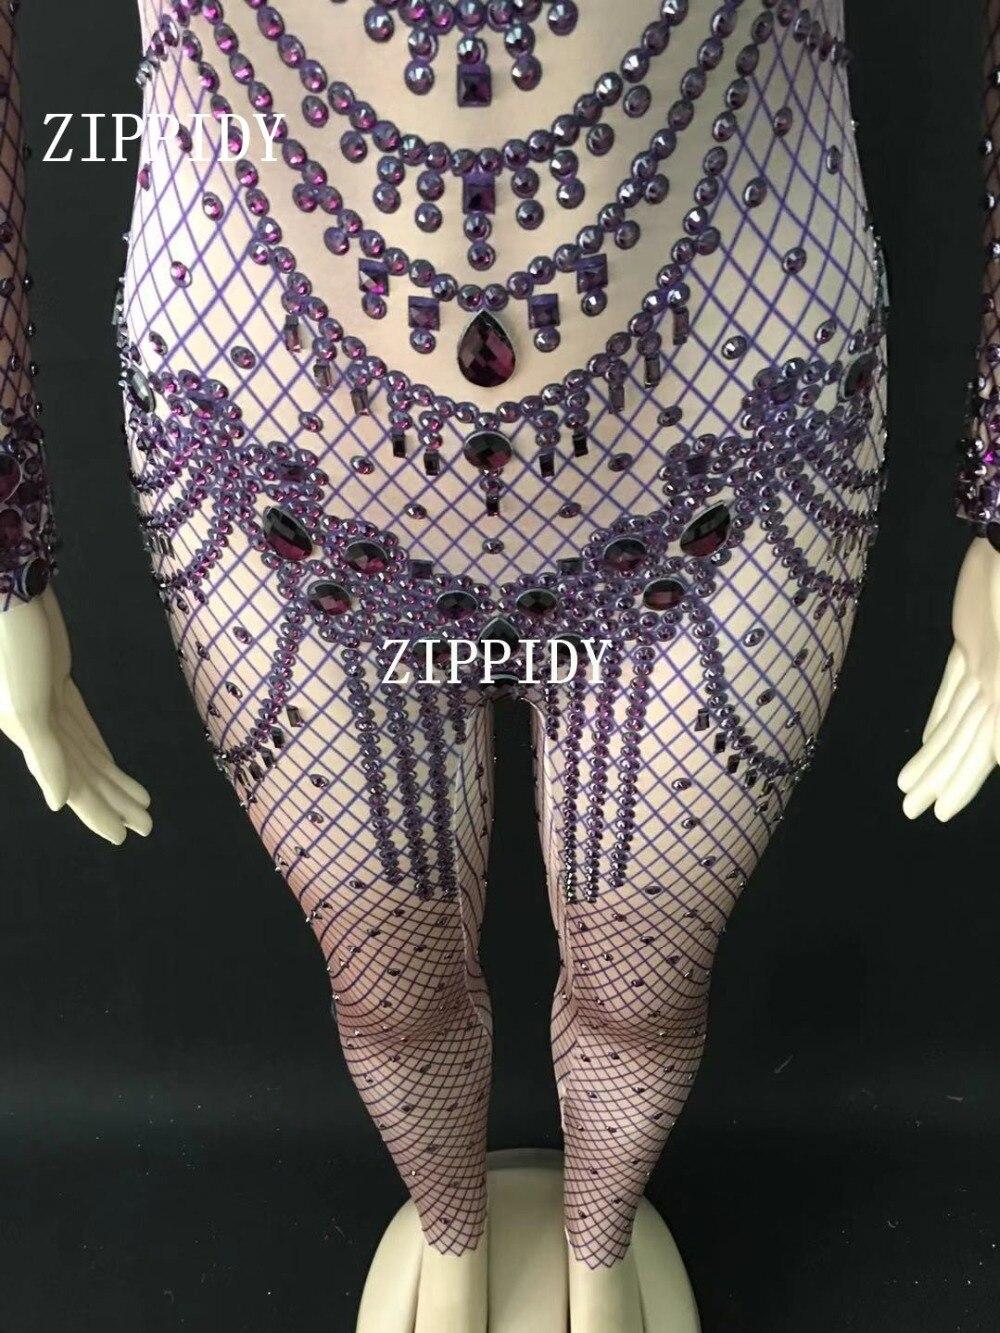 Bling Chanteuse De Barboteuses Purple Discothèque Grand D'anniversaire Scène Spectacle Spandex Wear Violet Salopette Body Femmes Danse Strass dxUwdTSq